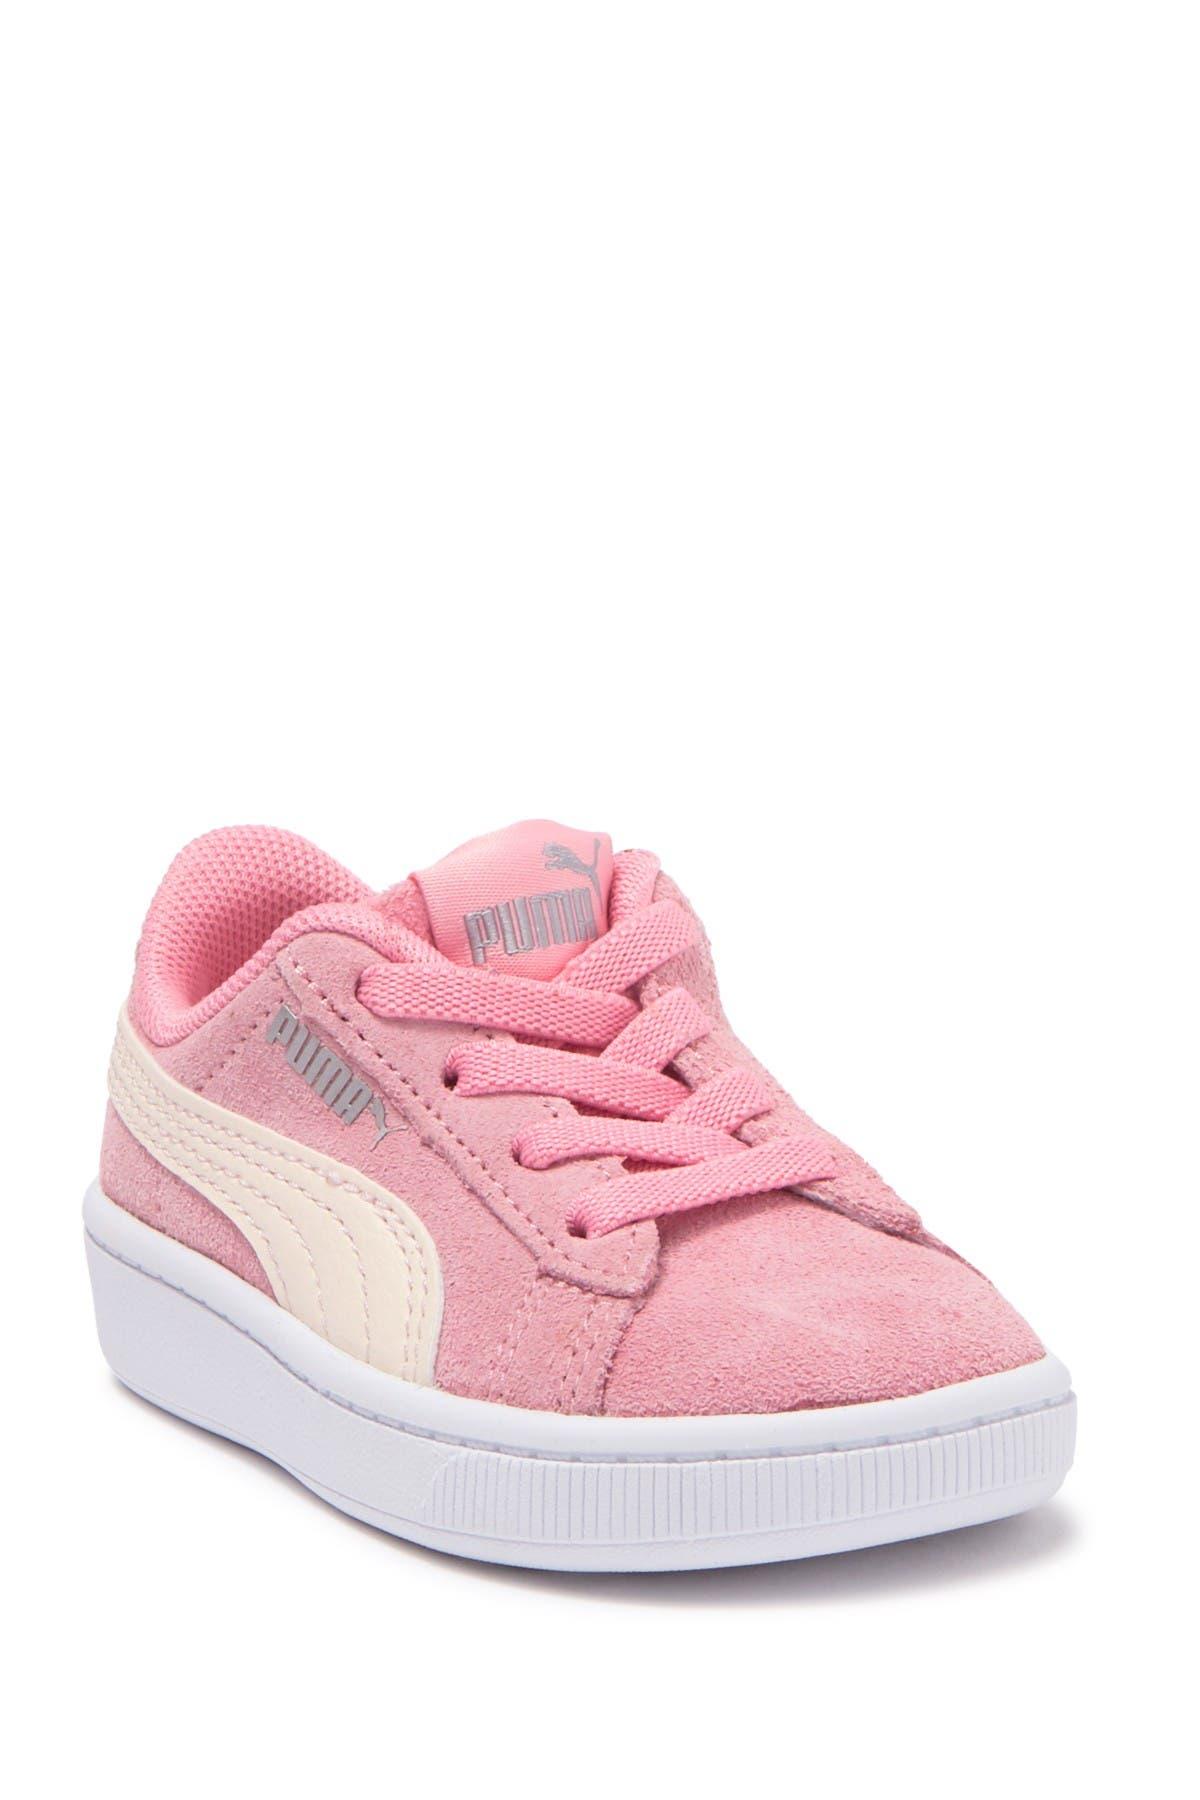 PUMA | Vikky V2 Suede Sneaker